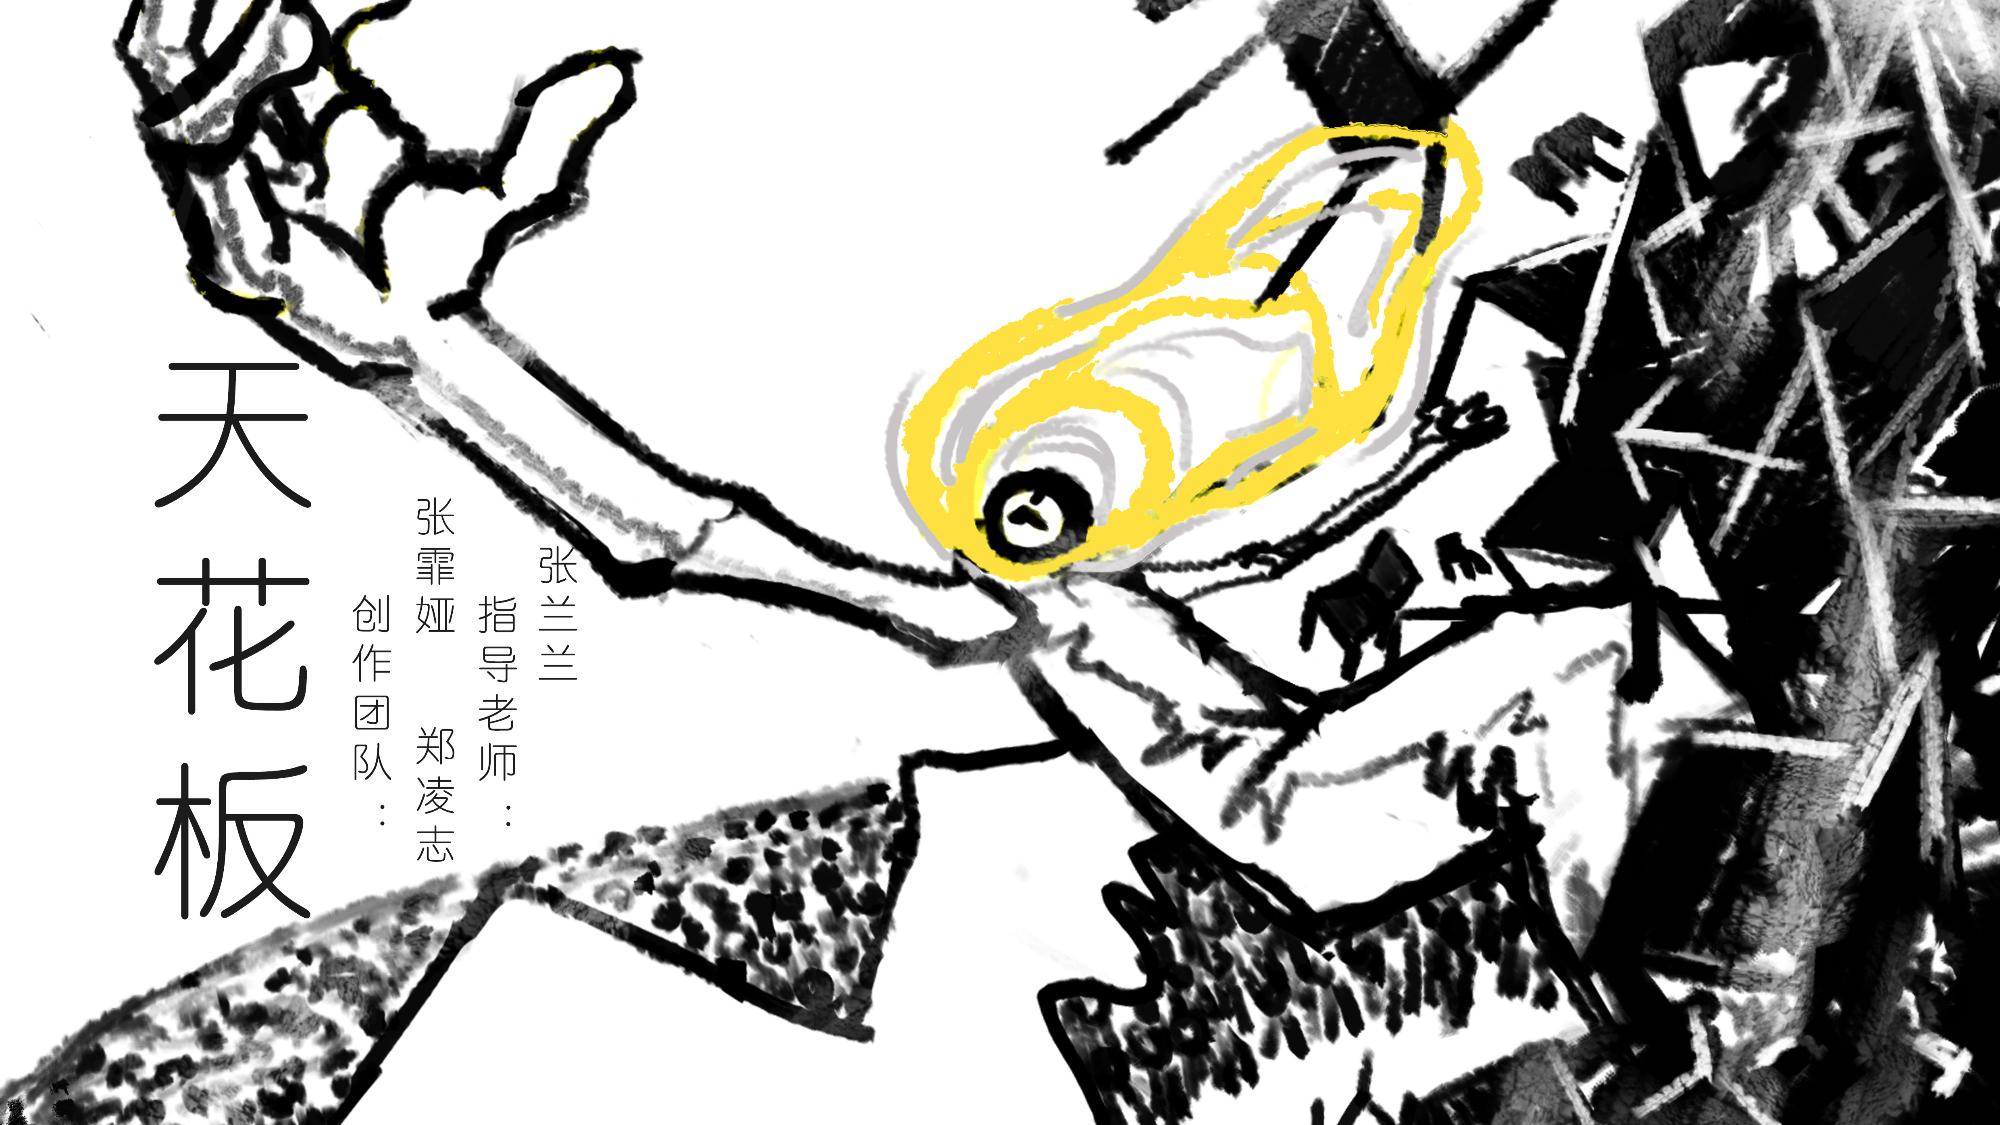 【金龙奖】【短片奖】天花板